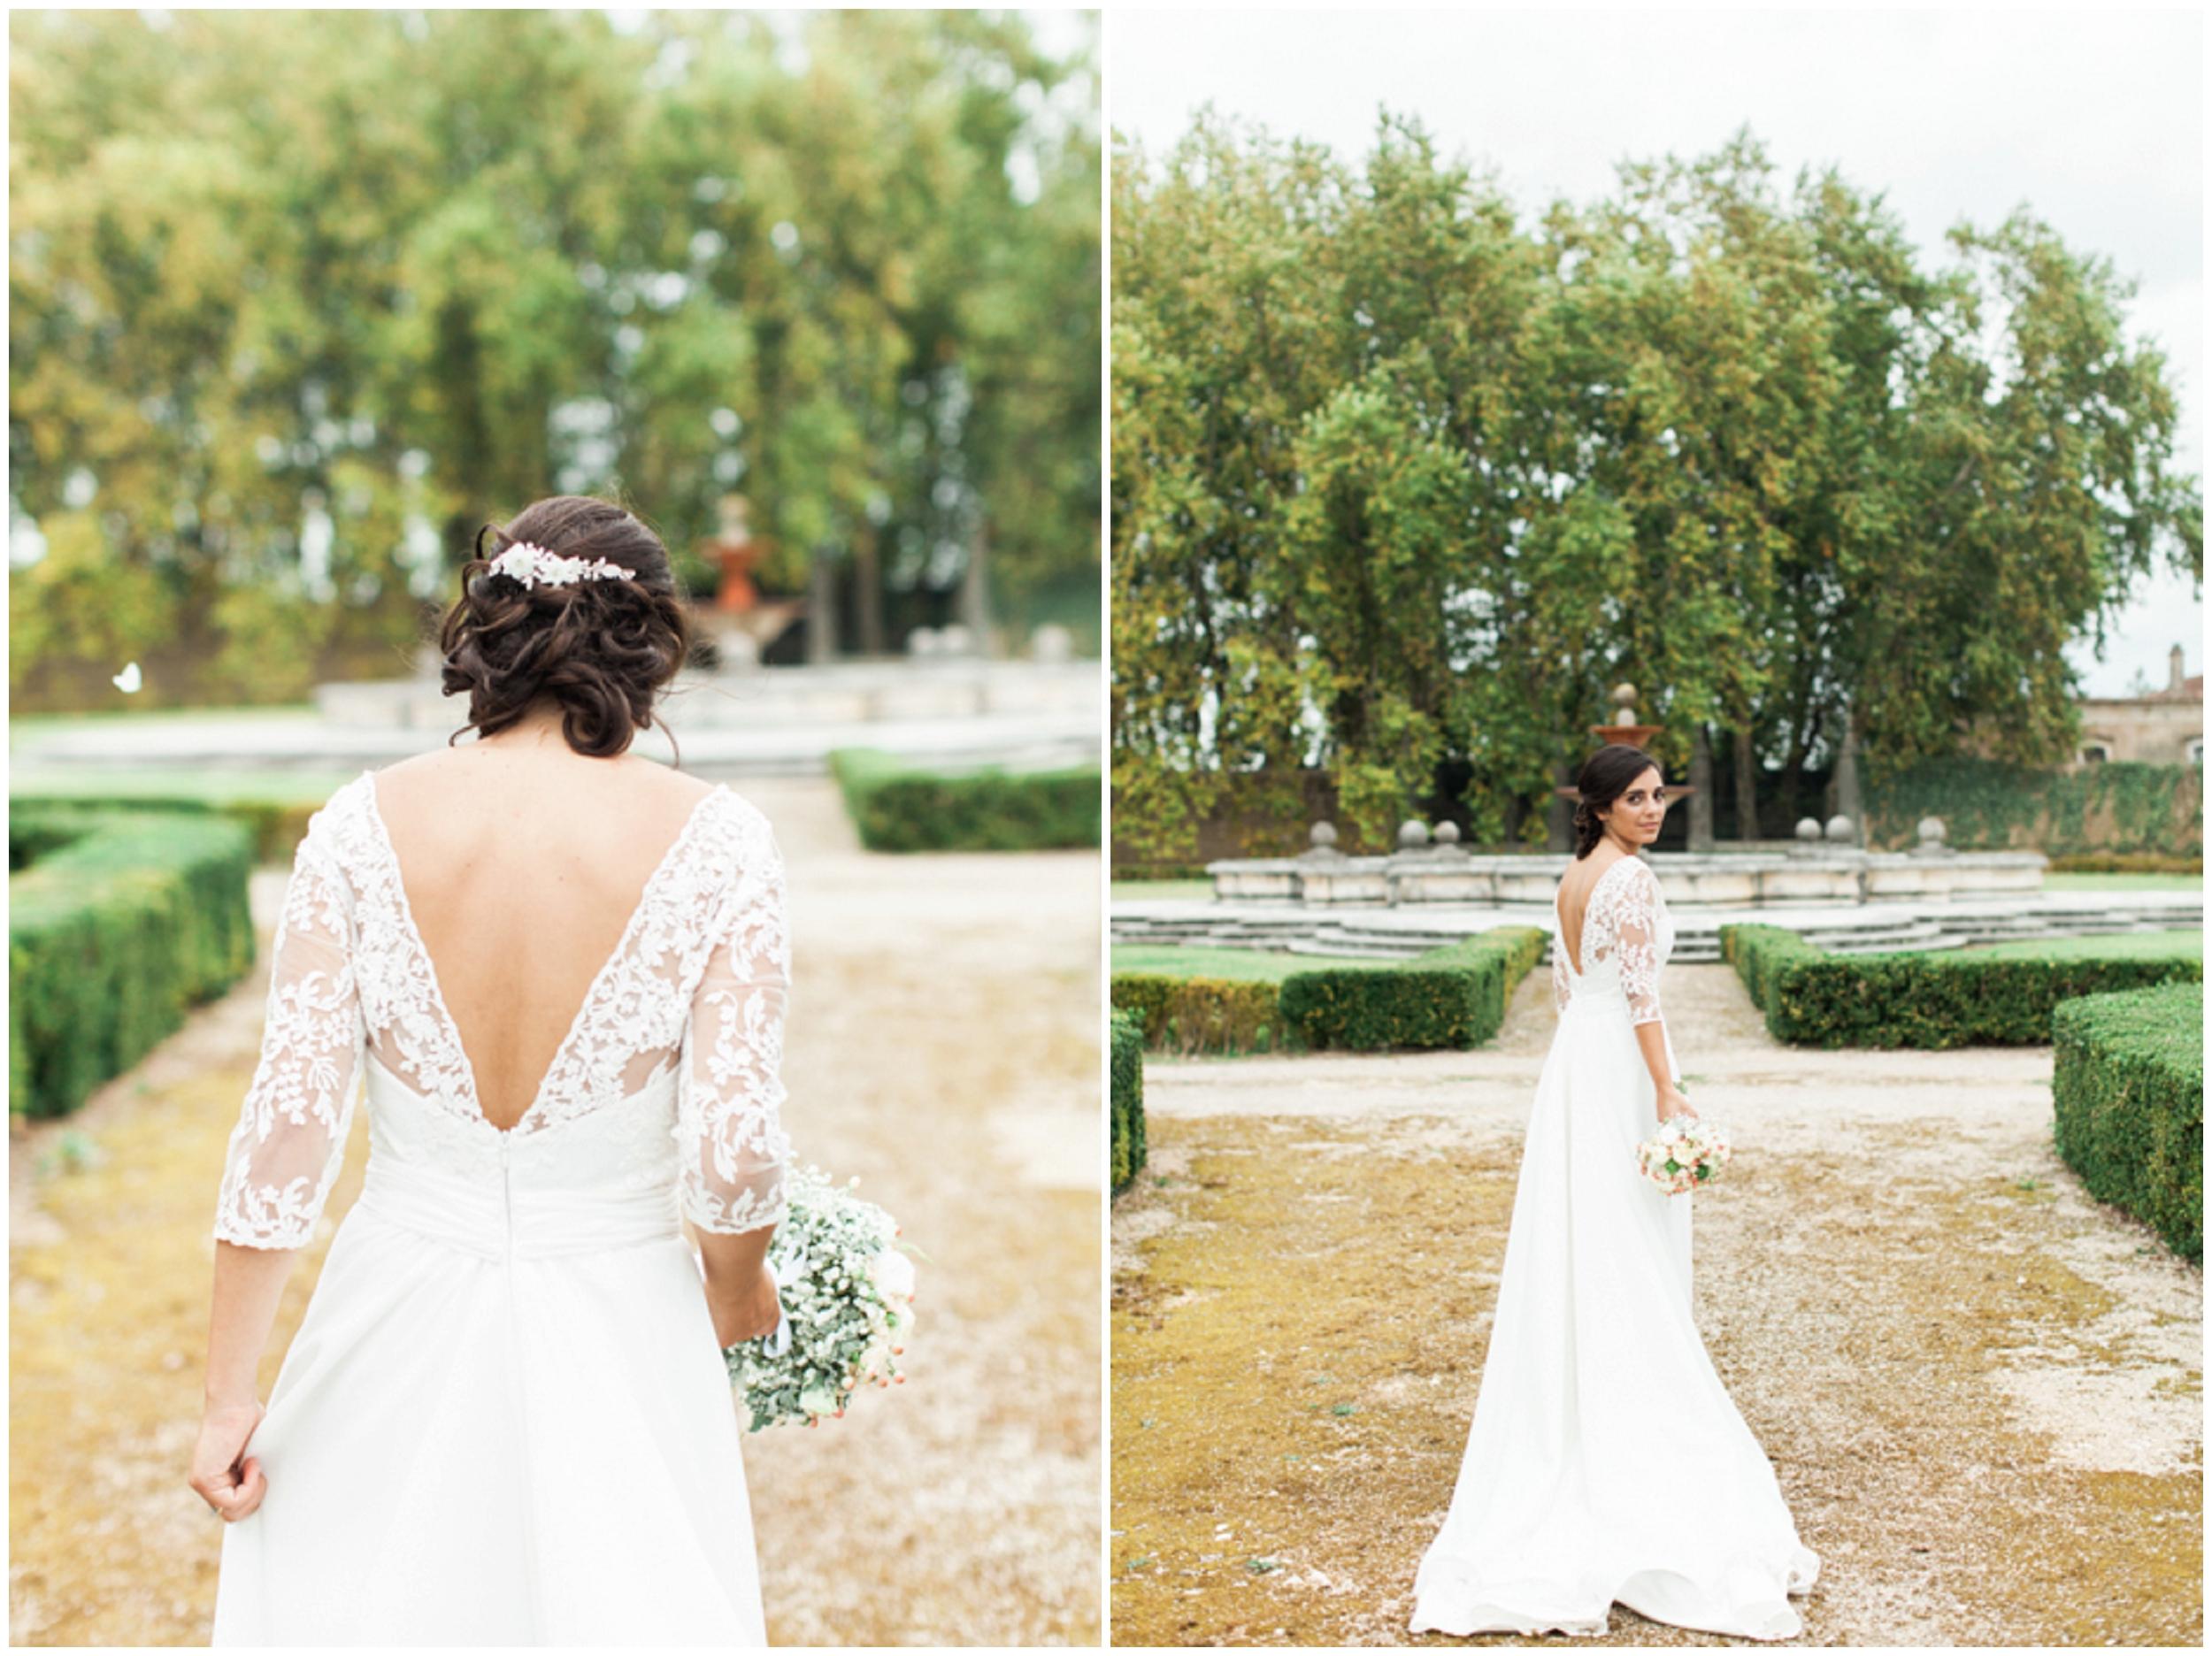 mariarao+wedding+photographer+cascais_0395.jpg